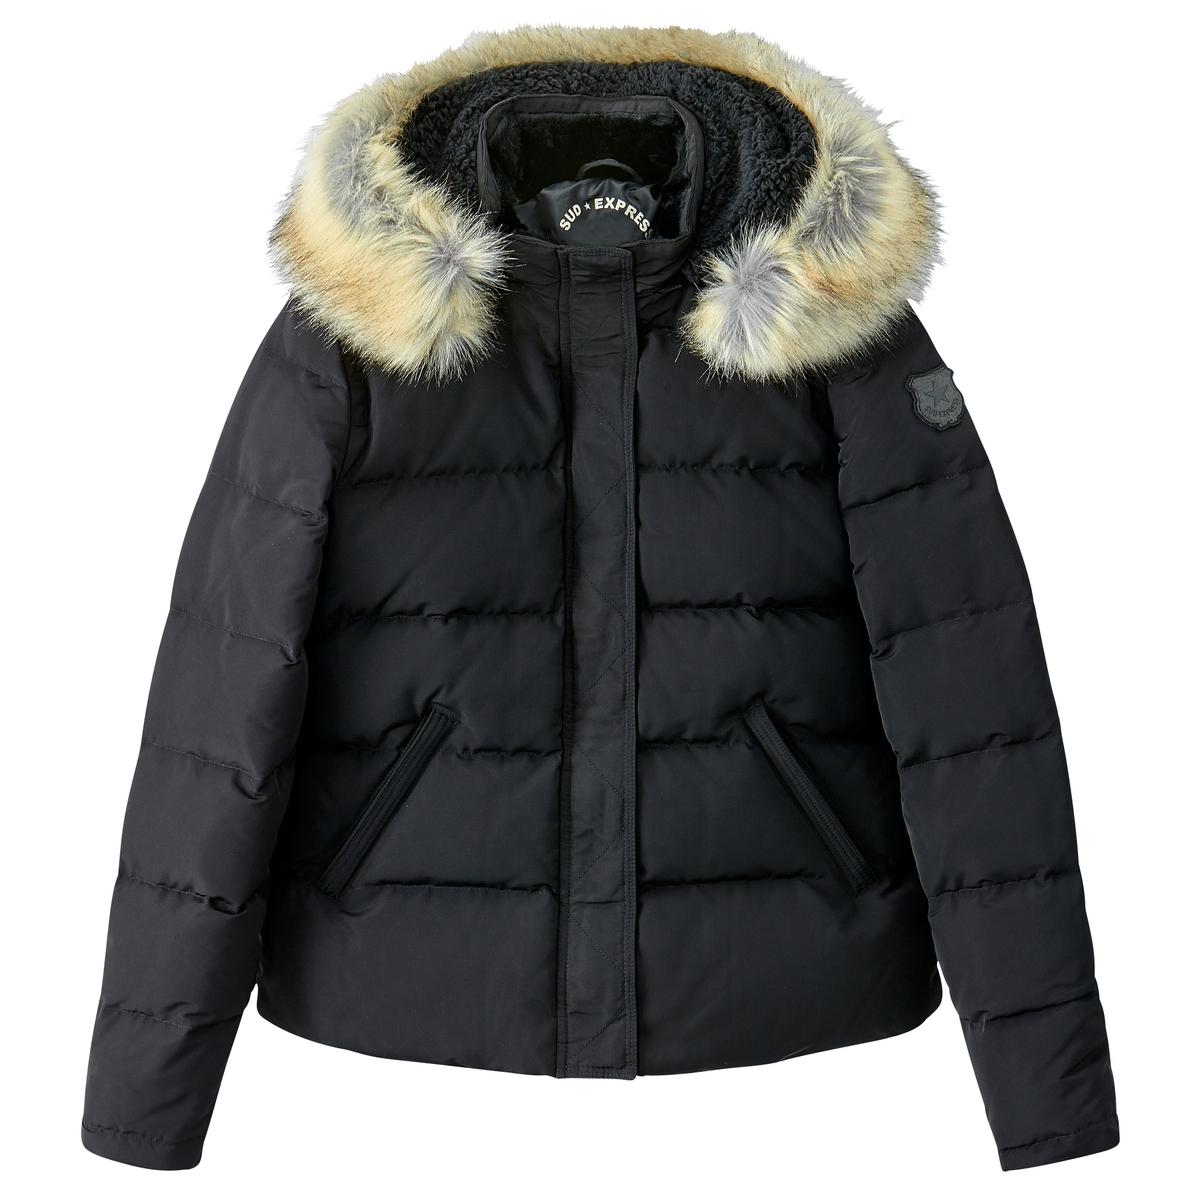 Куртка стеганая короткая с капюшономНельзя обойтись без этой стеганой куртки ! С большим капюшоном с искусственным мехом . Отличная куртка для зимы !Детали •  Длина : укороченная •  Капюшон •  Застежка на молнию •  С капюшономСостав и уход 100% полиэстер, наполнитель 100% пух •  Следуйте советам по уходу, указанным на этикетке<br><br>Цвет: черный<br>Размер: L.S